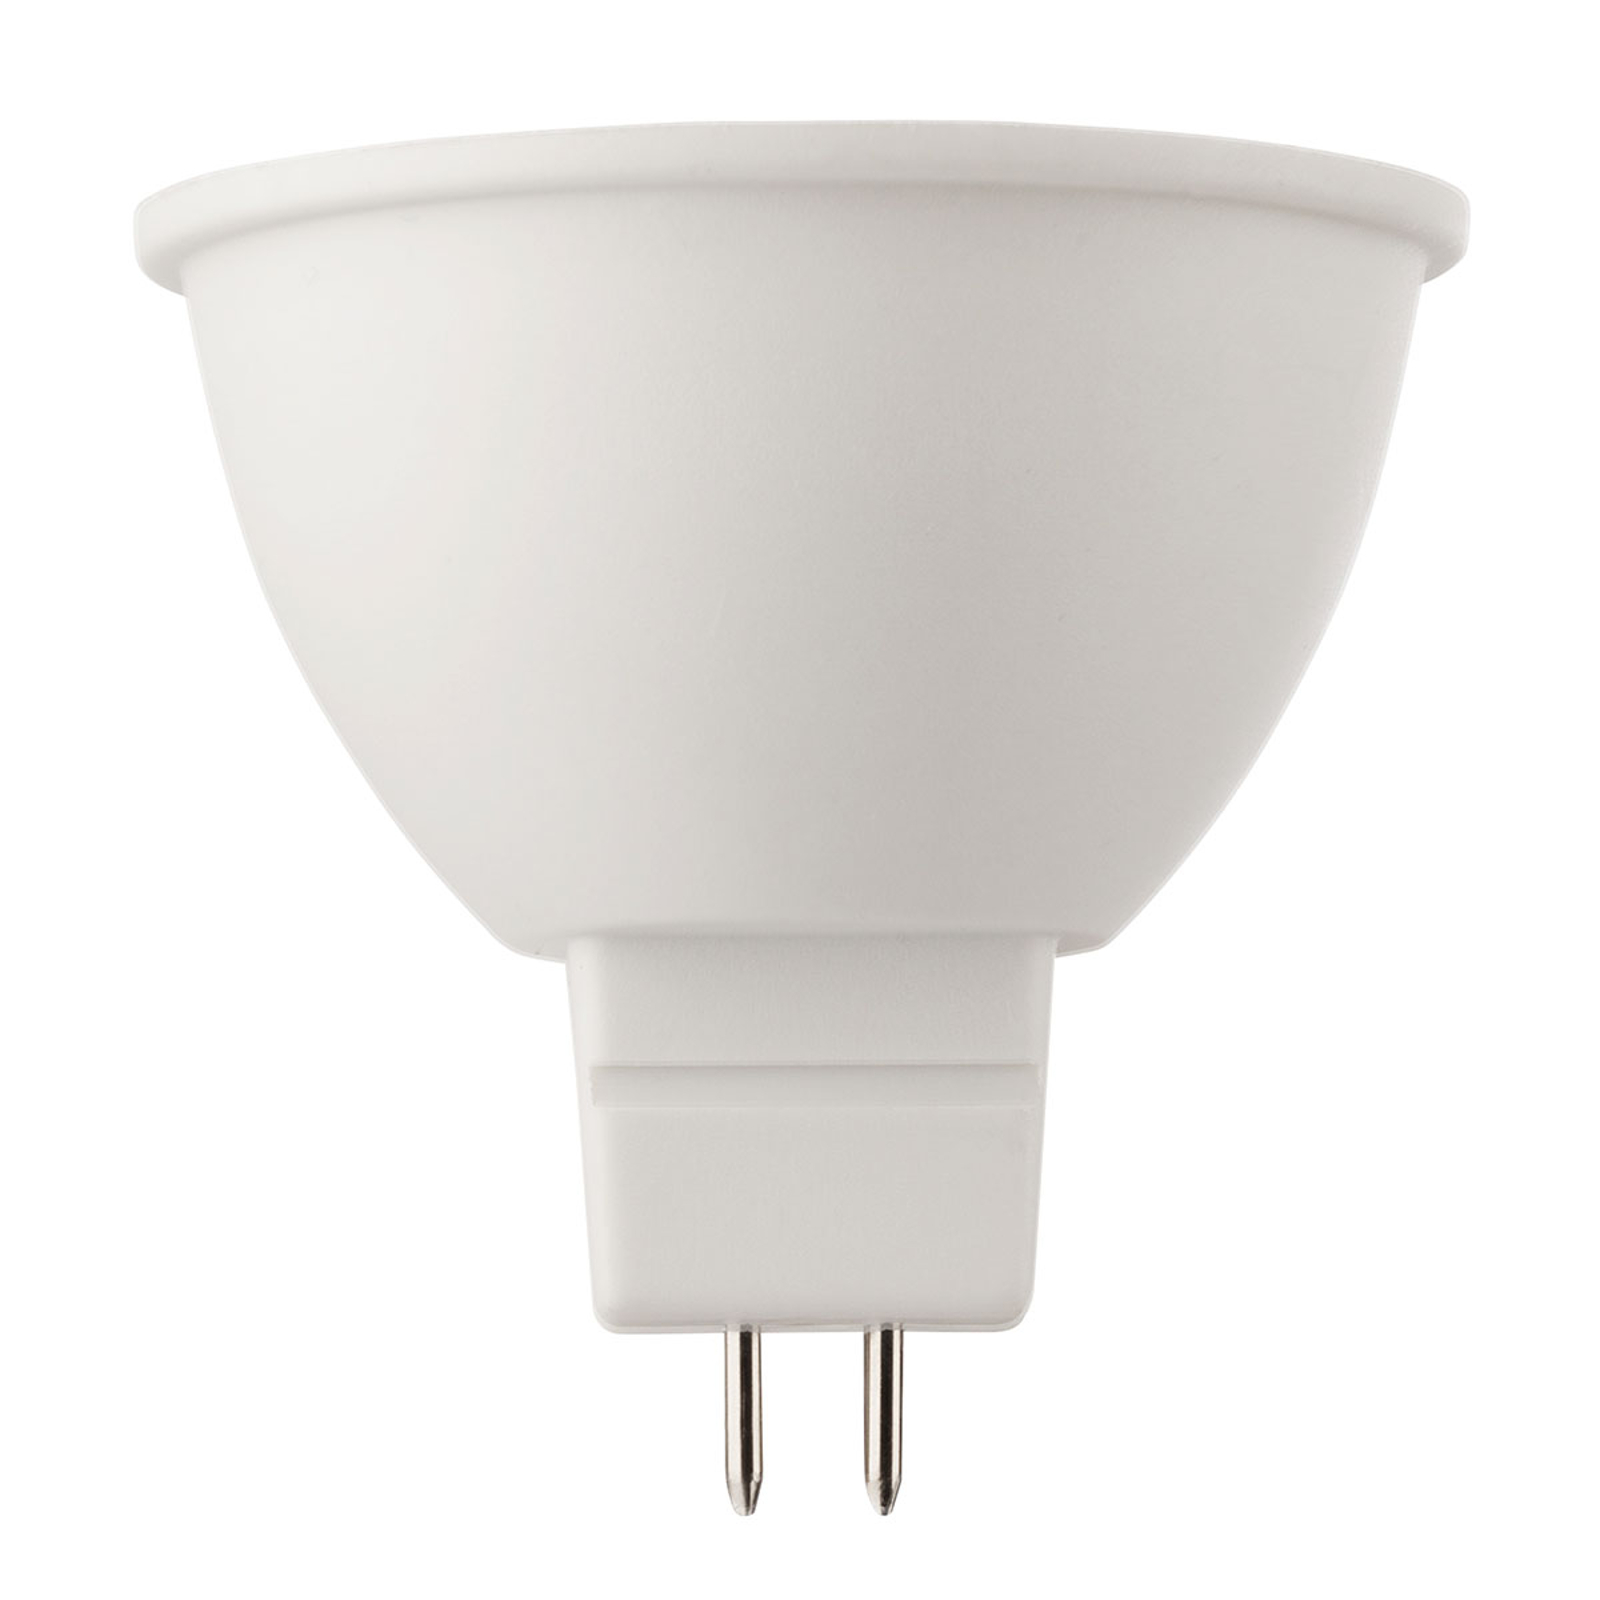 LED-reflektor GU5,3 8 W universalhvit